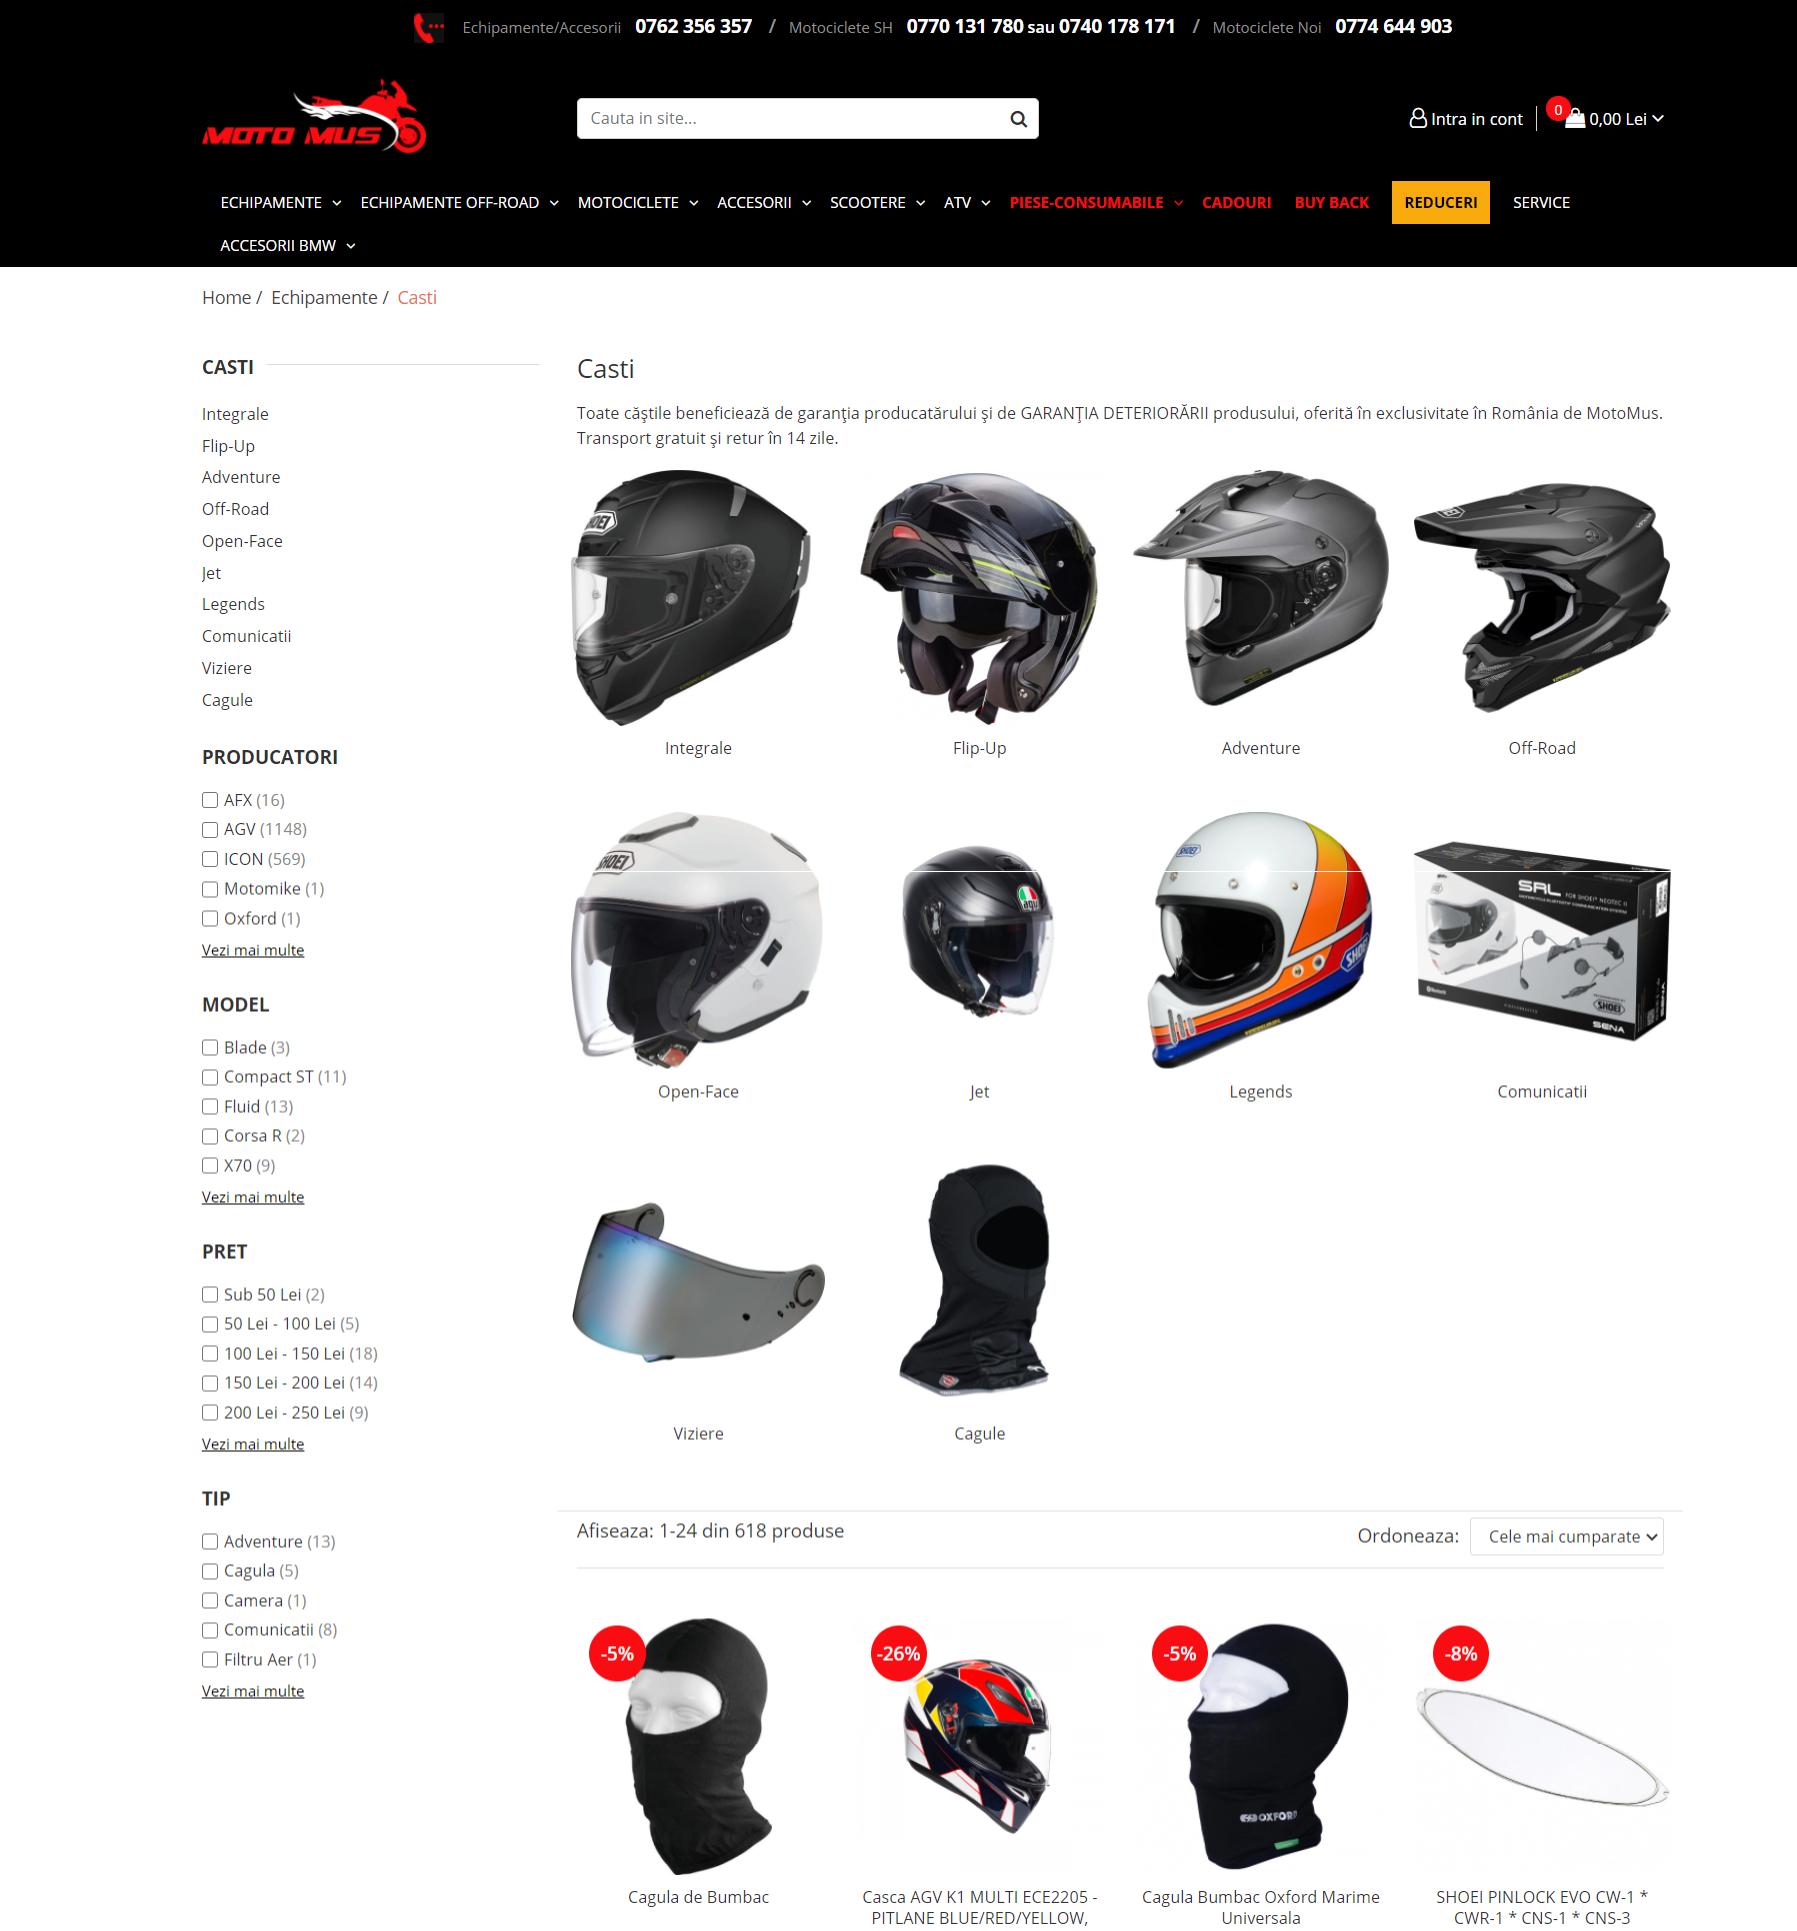 filtrare-produse-magazin